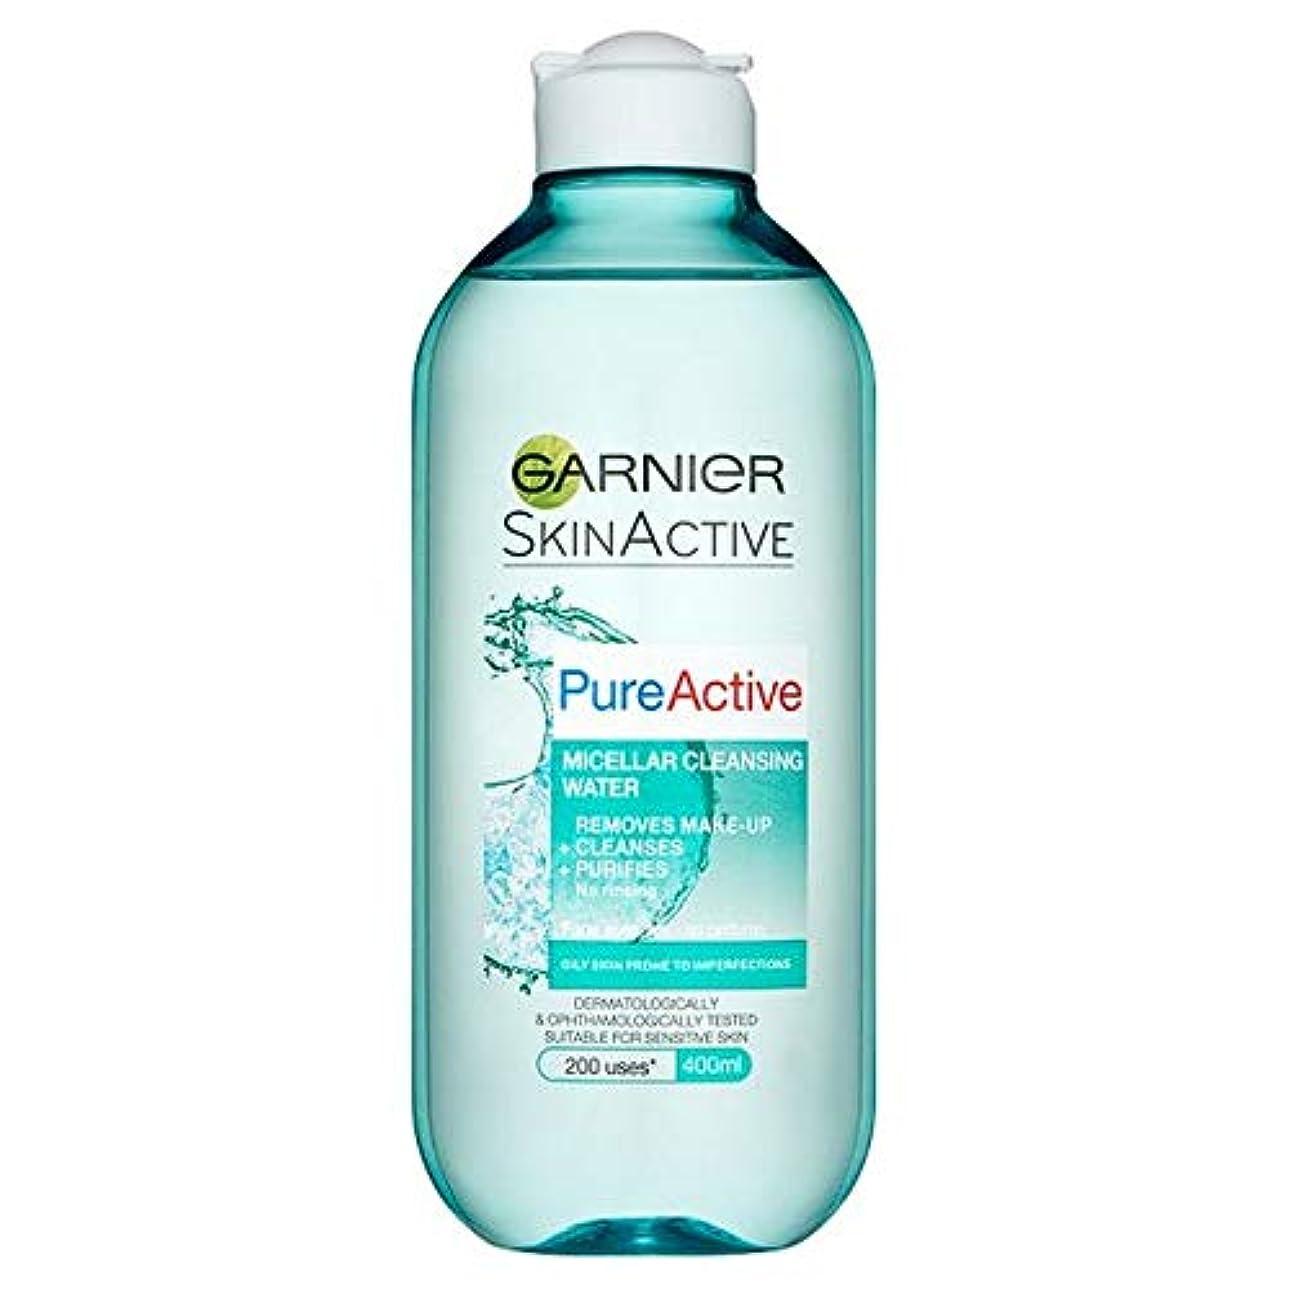 納屋文化閉じ込める[Garnier] 純粋な活性ミセル水脂性肌用400ミリリットル - Pure Active Micellar Water Oily Skin 400Ml [並行輸入品]